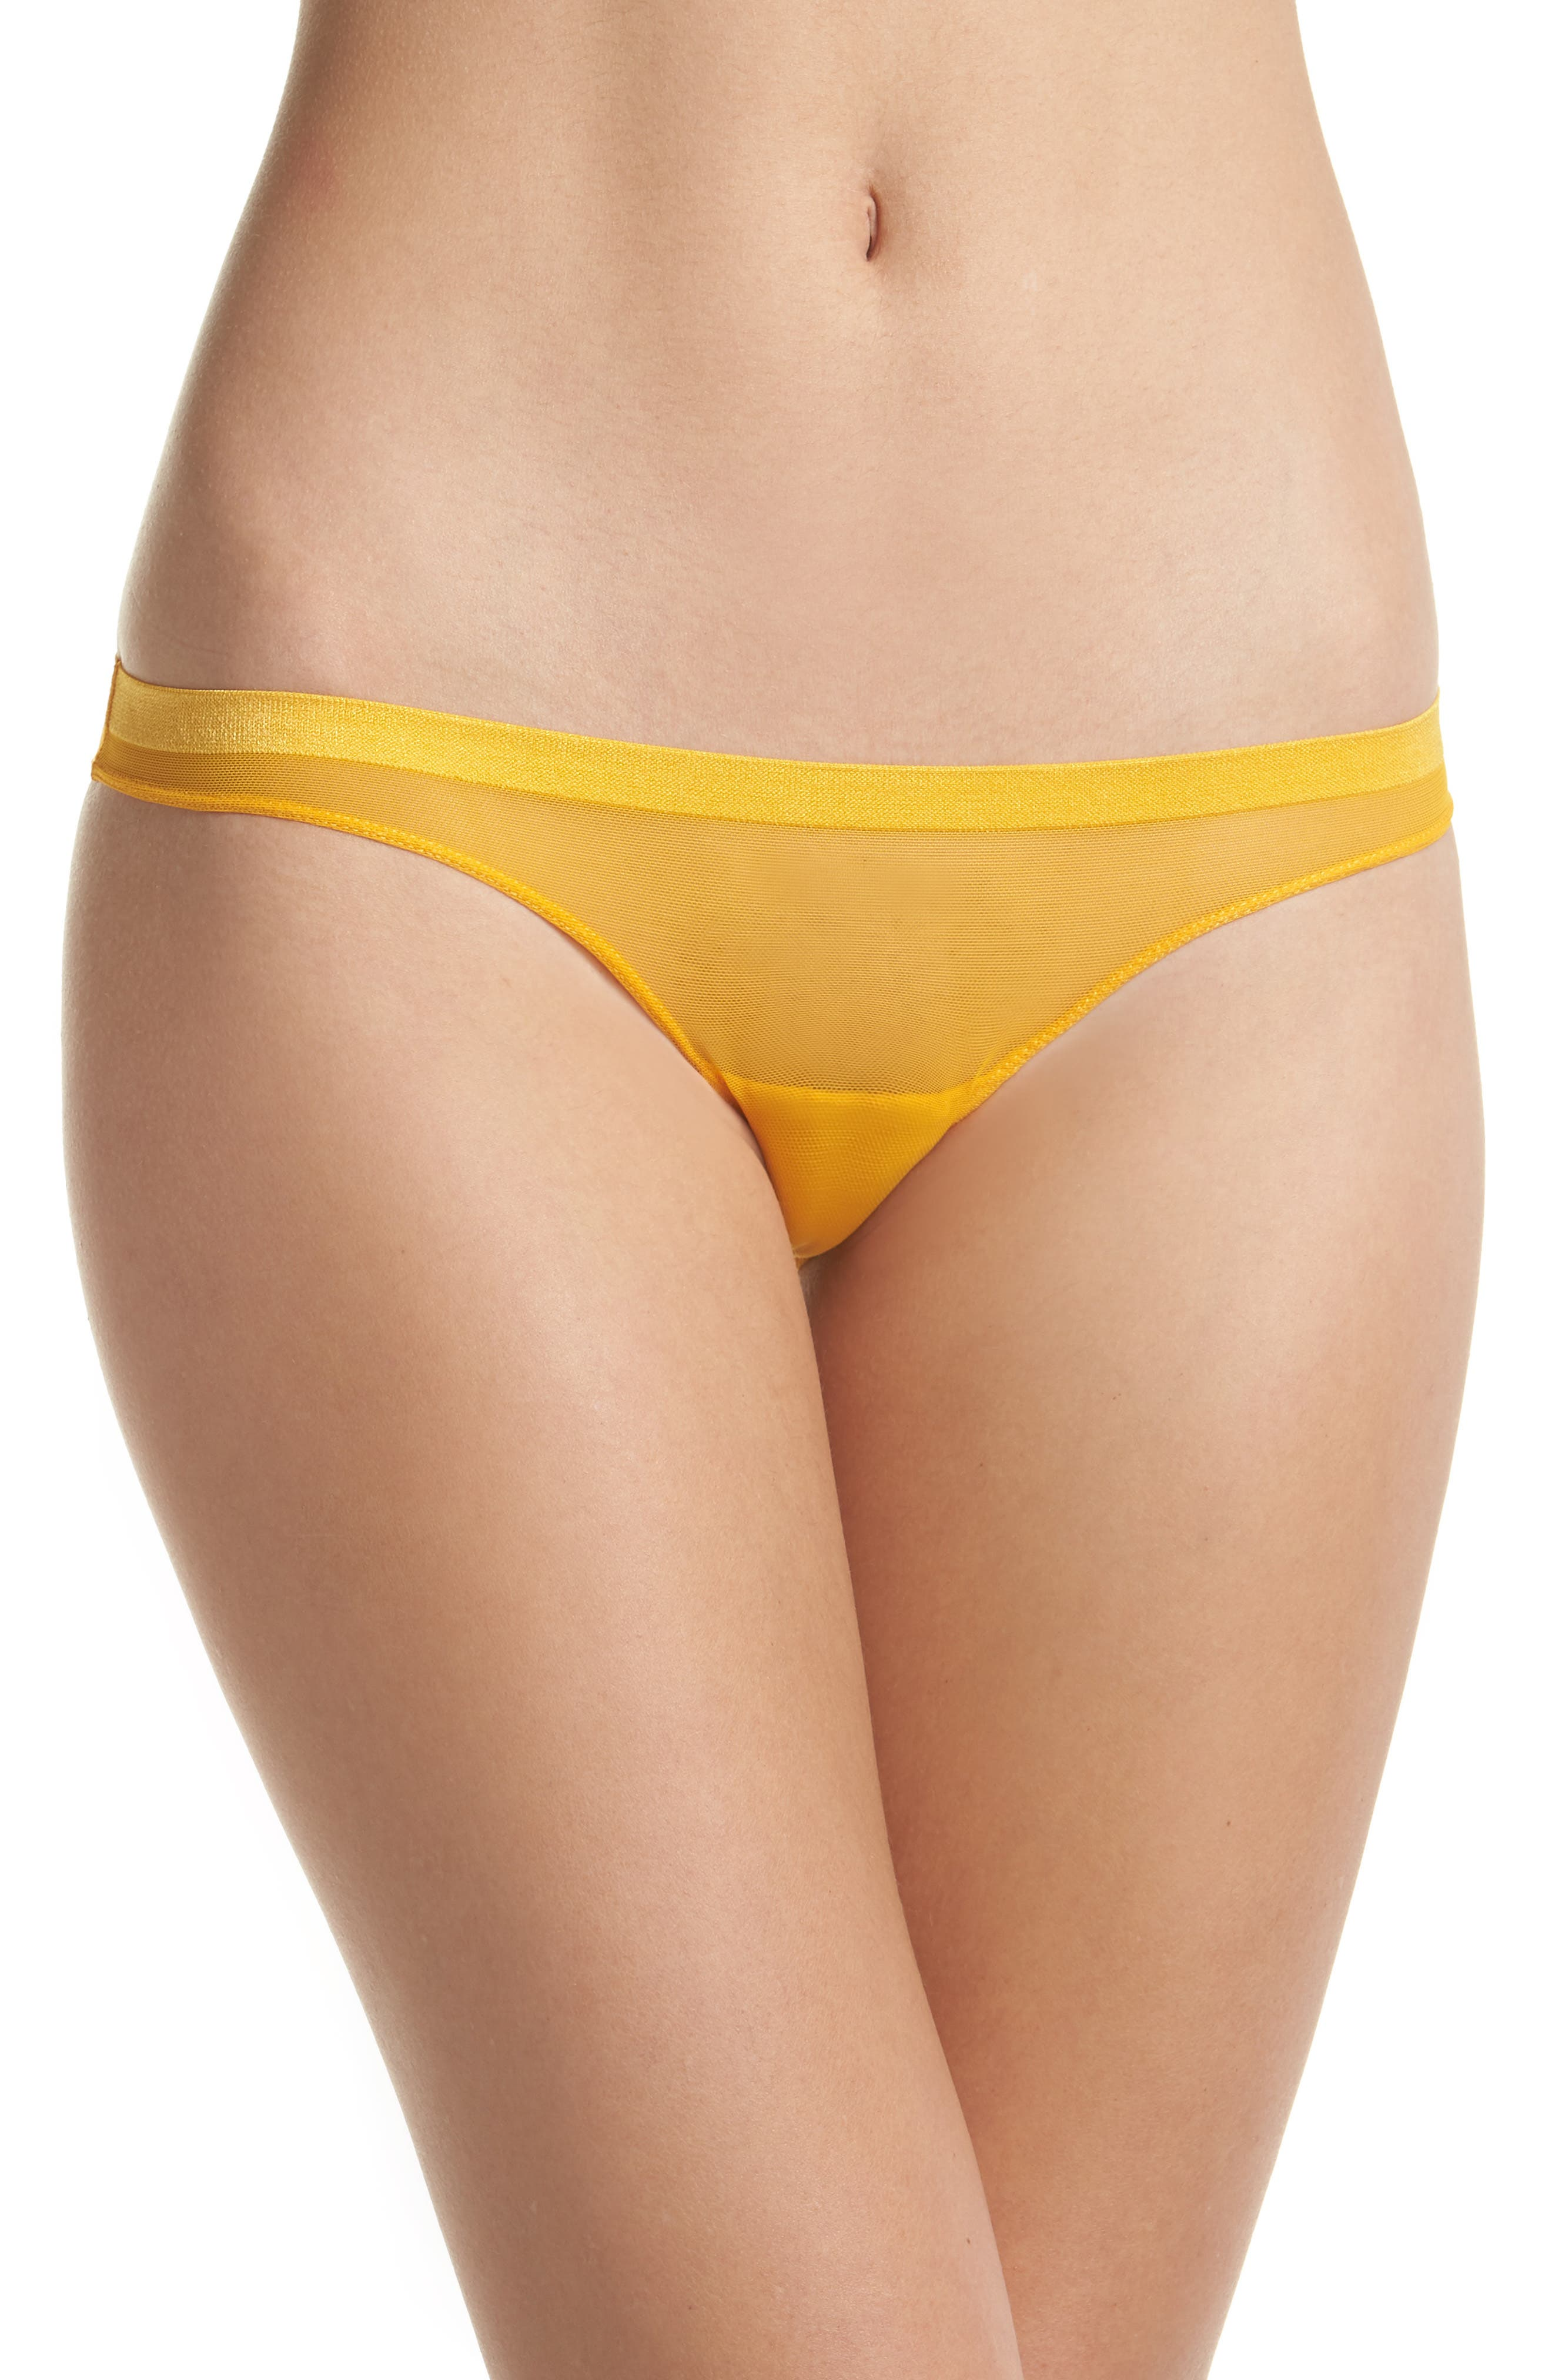 Free People Roxanne Mesh Bikini (3 for $33)